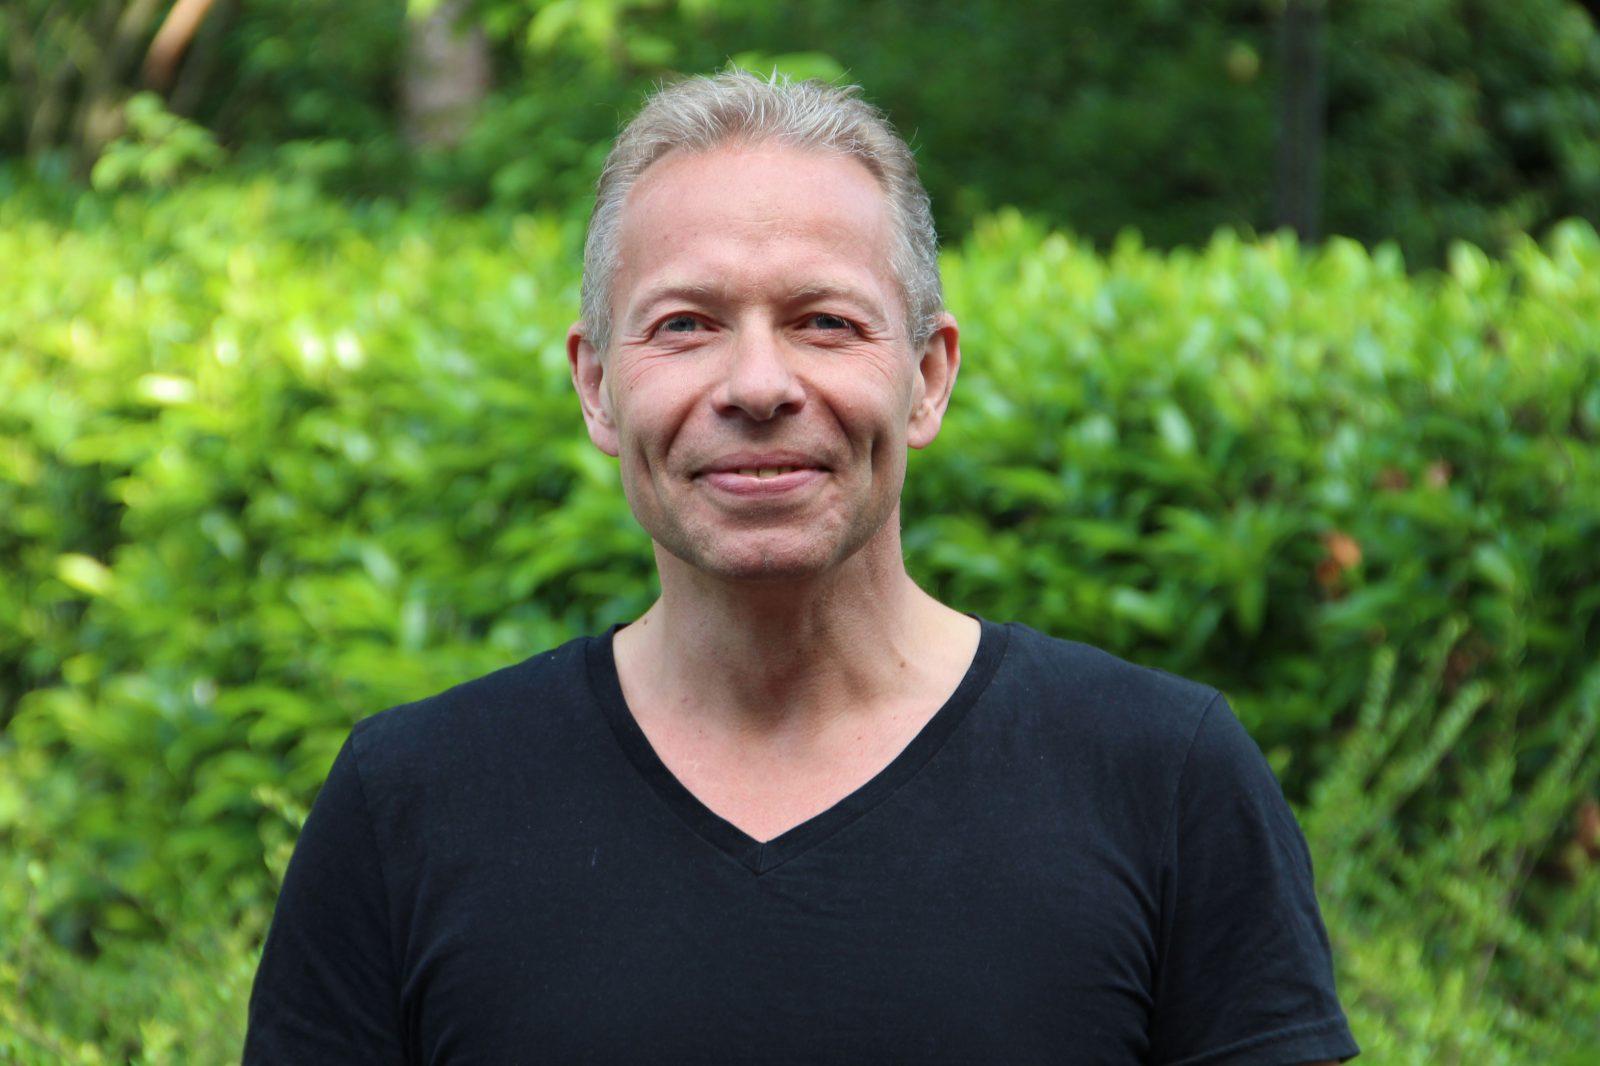 Markus Klug